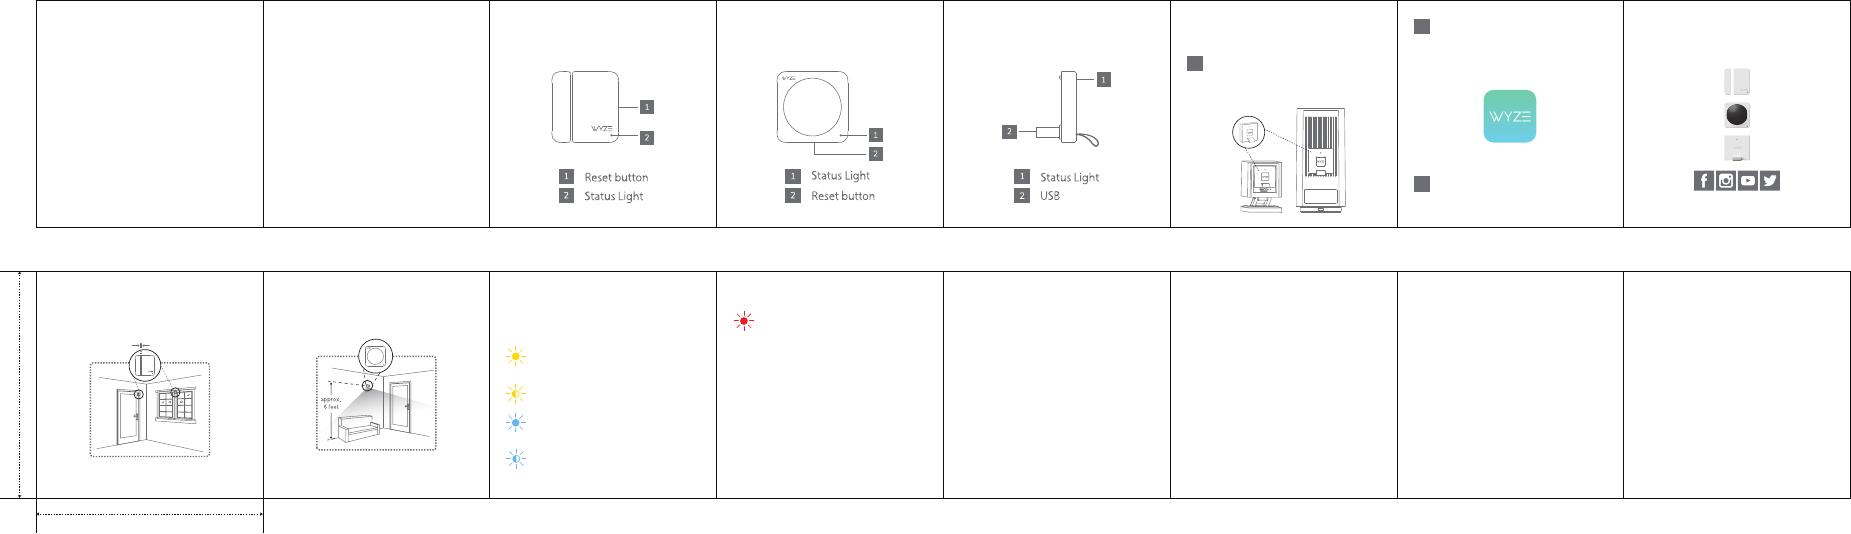 TianJin HuaLai Technology WHSB1 WYZE Sensor Bridge User Manual